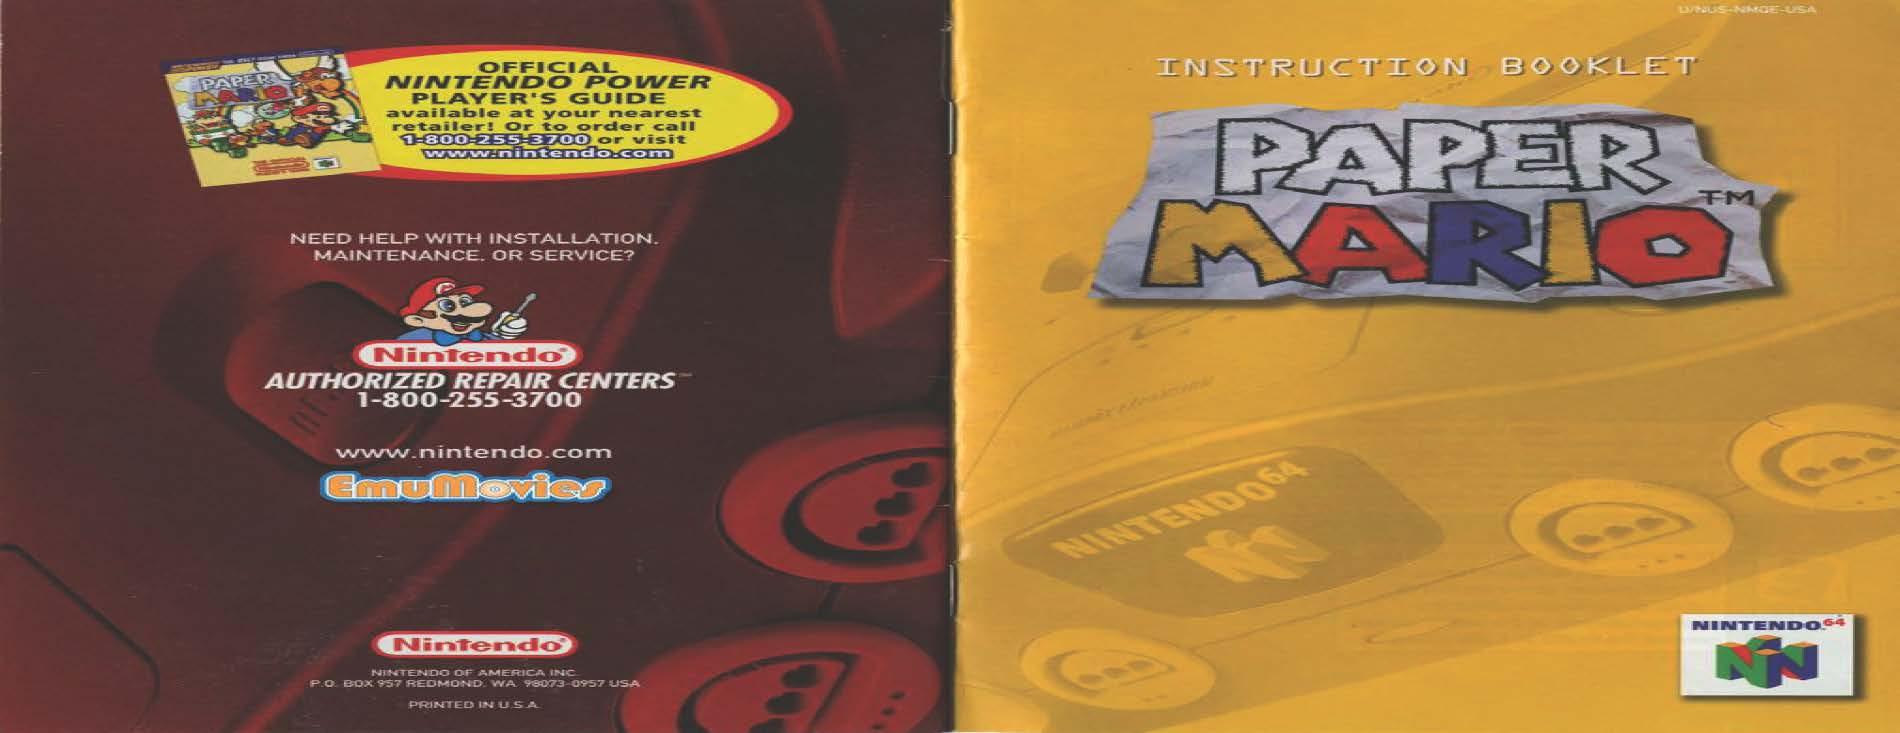 Nintendo 64 Game Manuals Pack